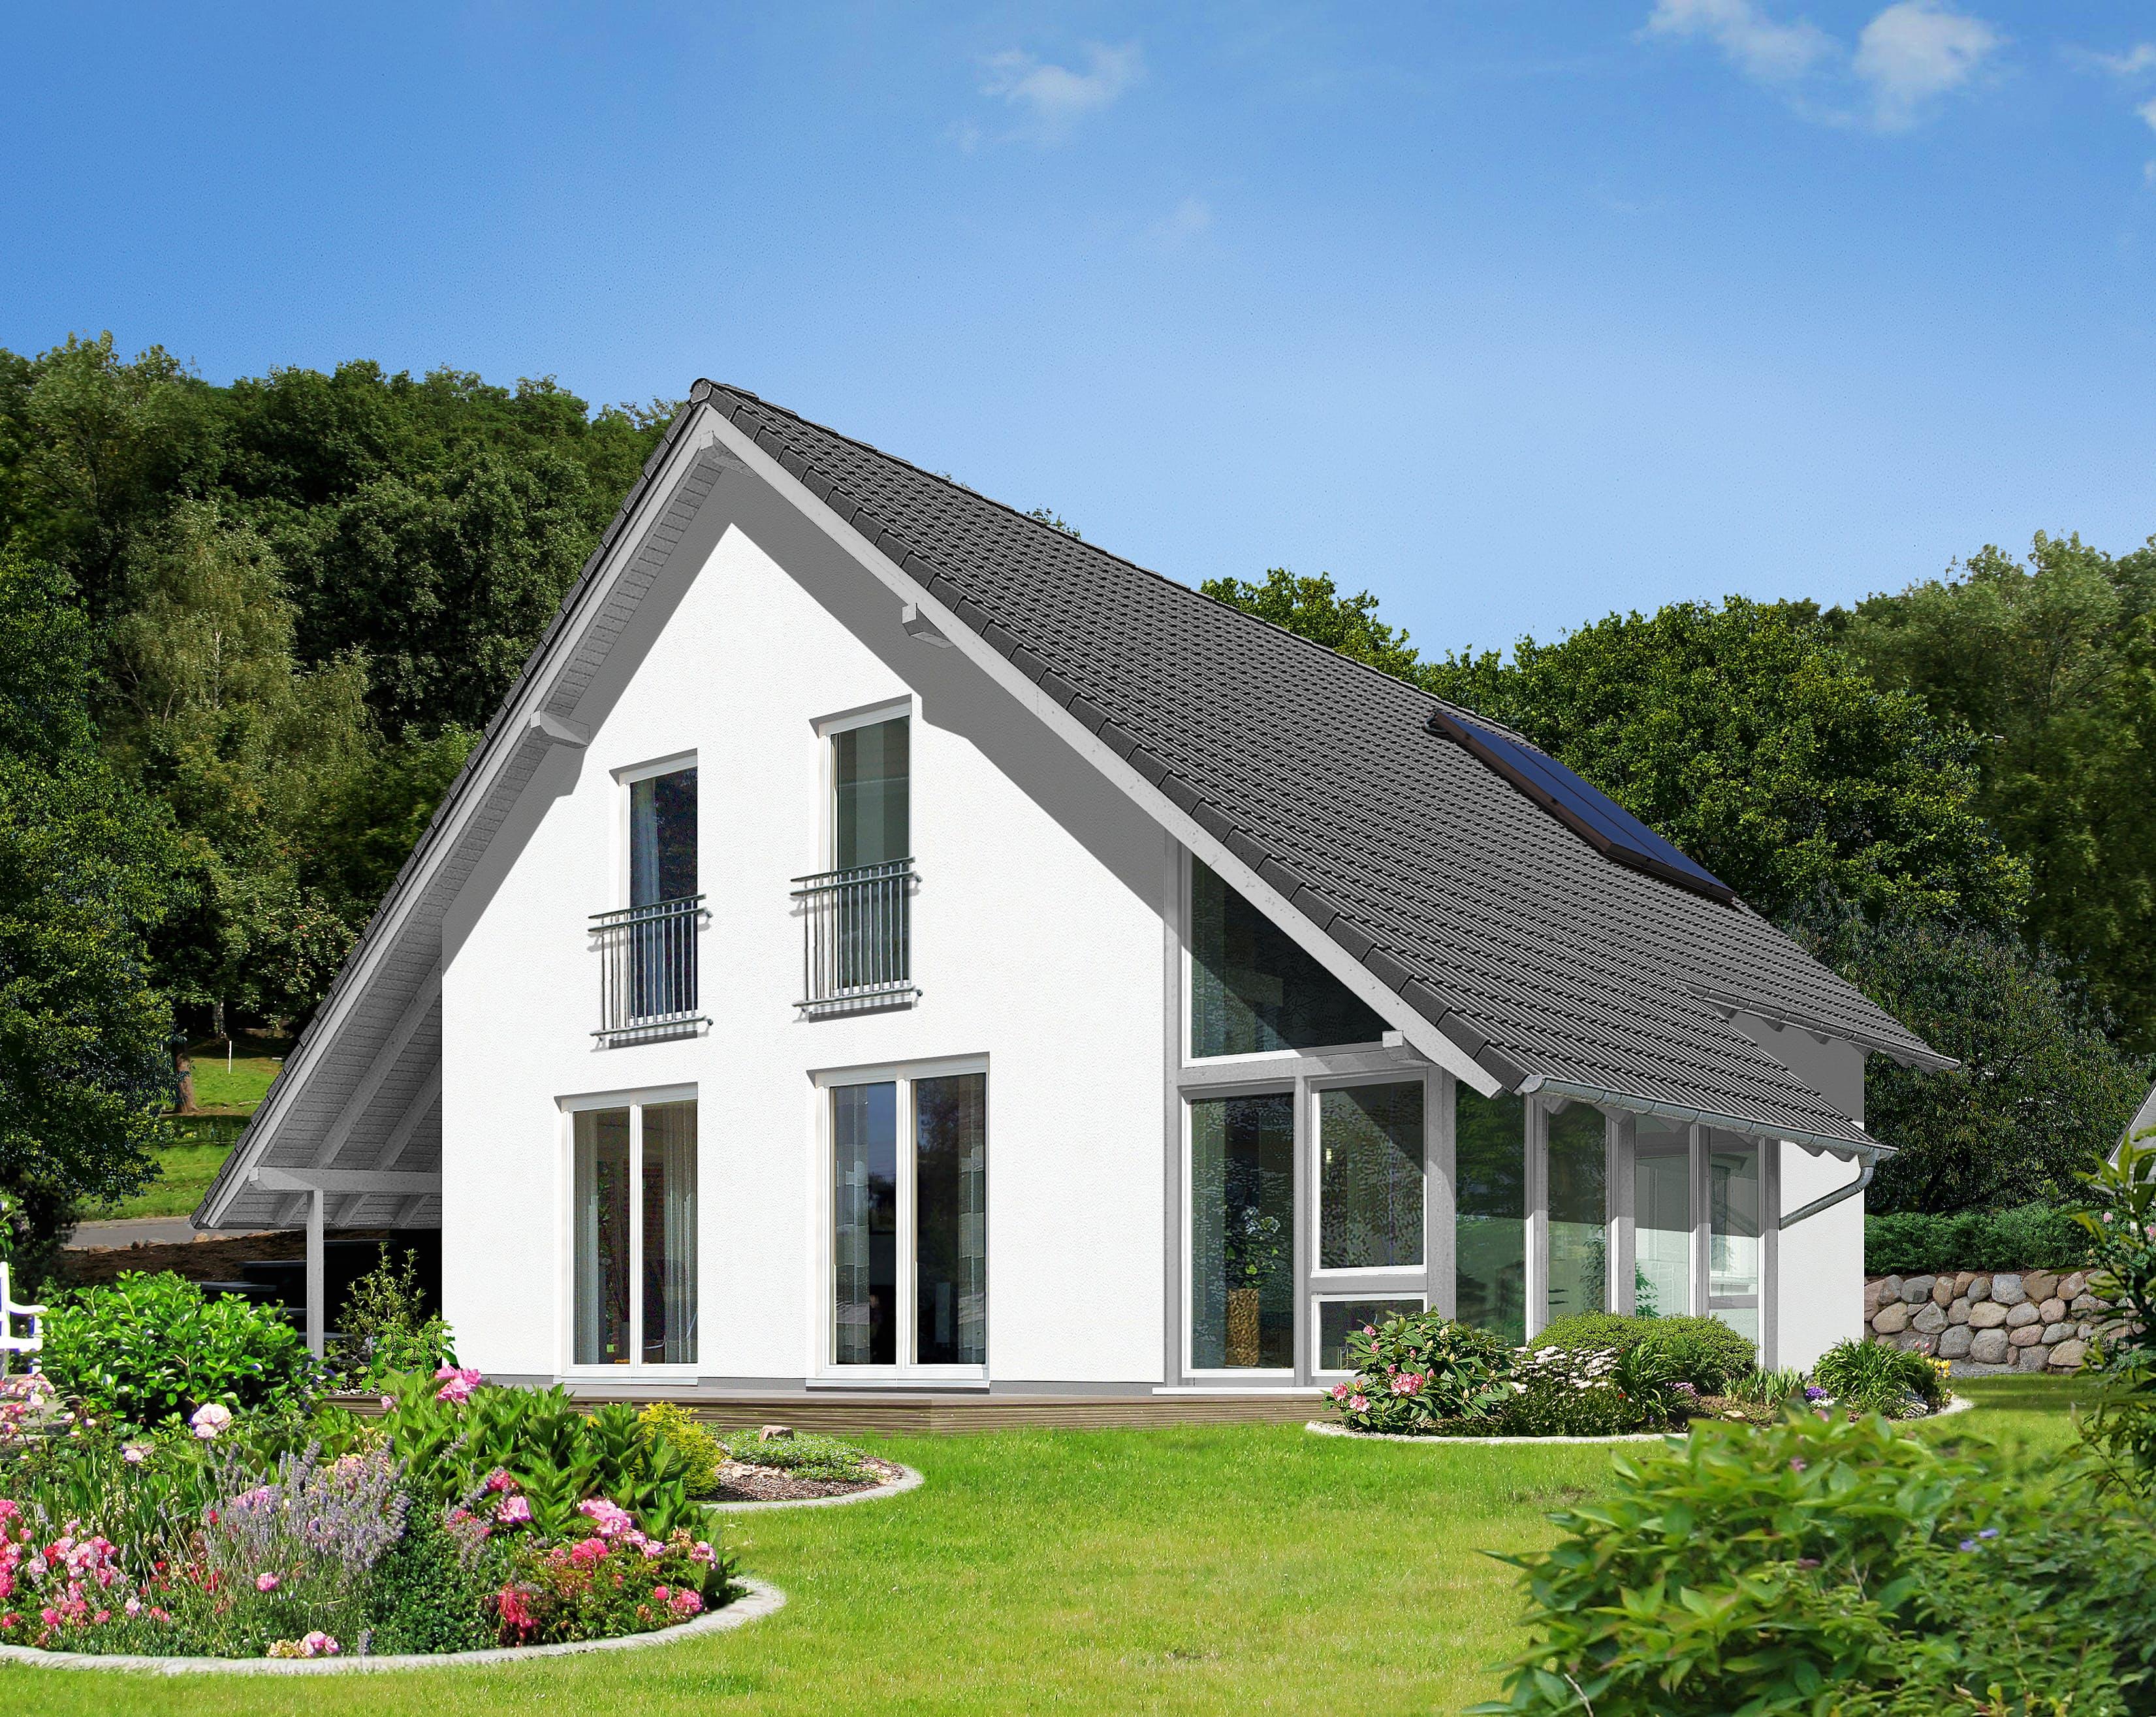 Fertighaus stadtvilla preise  Schlüsselfertiges Fertighaus bis 150.000€ - Häuser | Preise | Anbieter